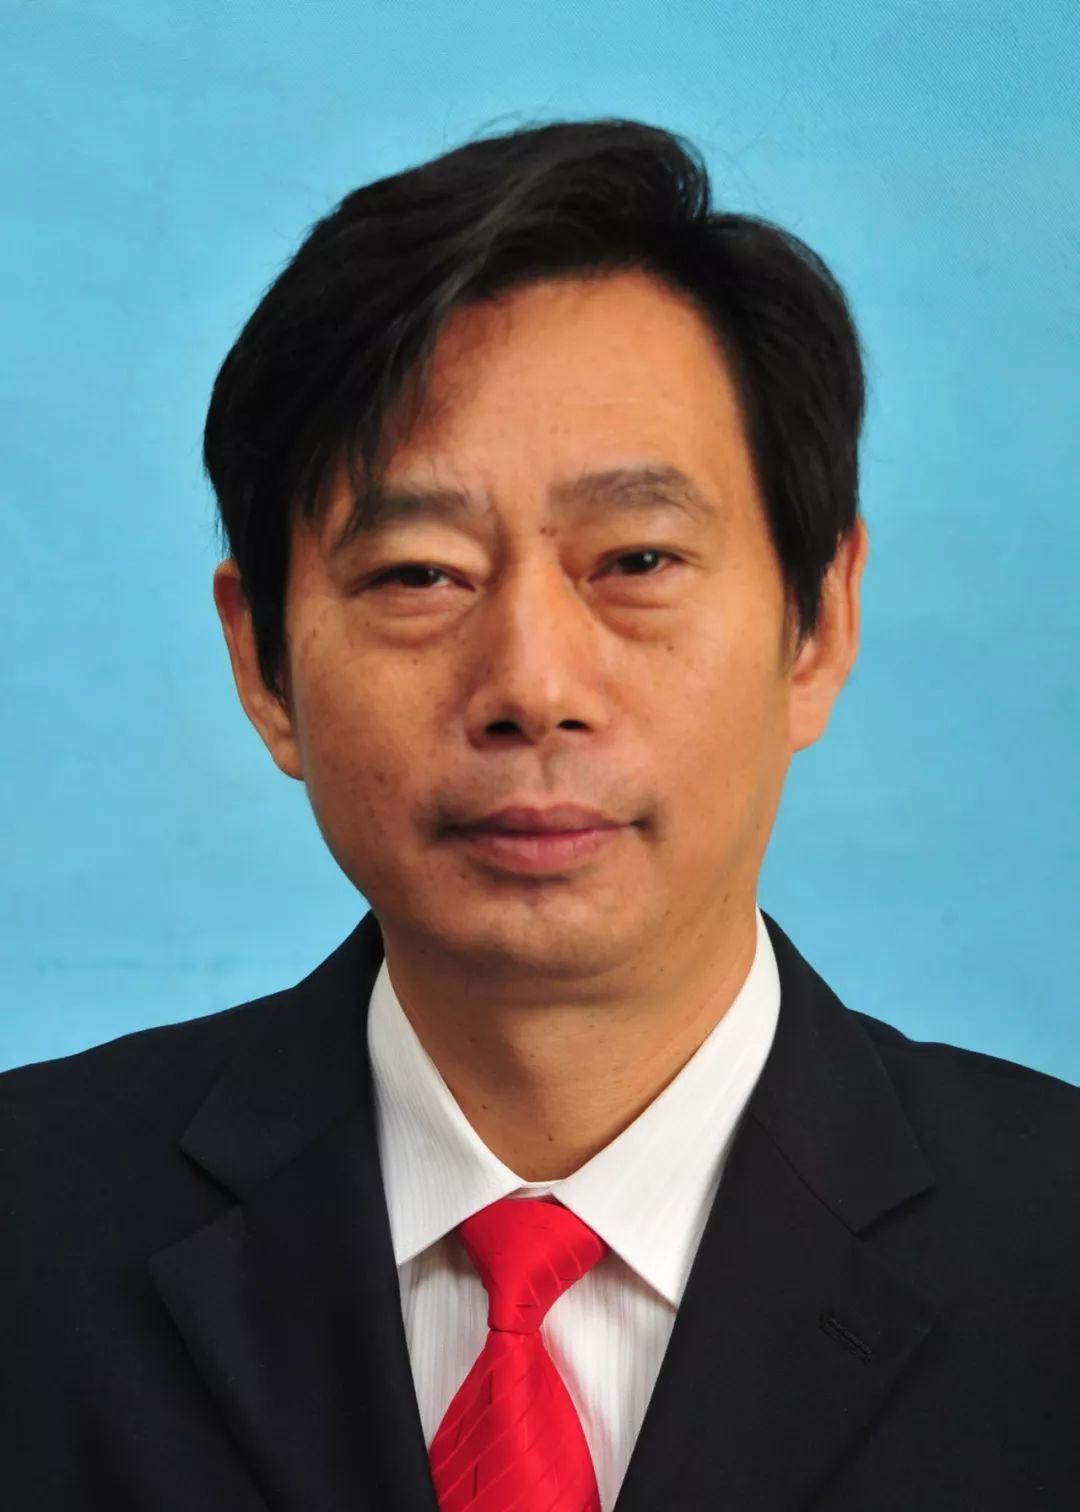 上海精神心理科专家网上预约挂号,上海精神心理科... _39就医助手